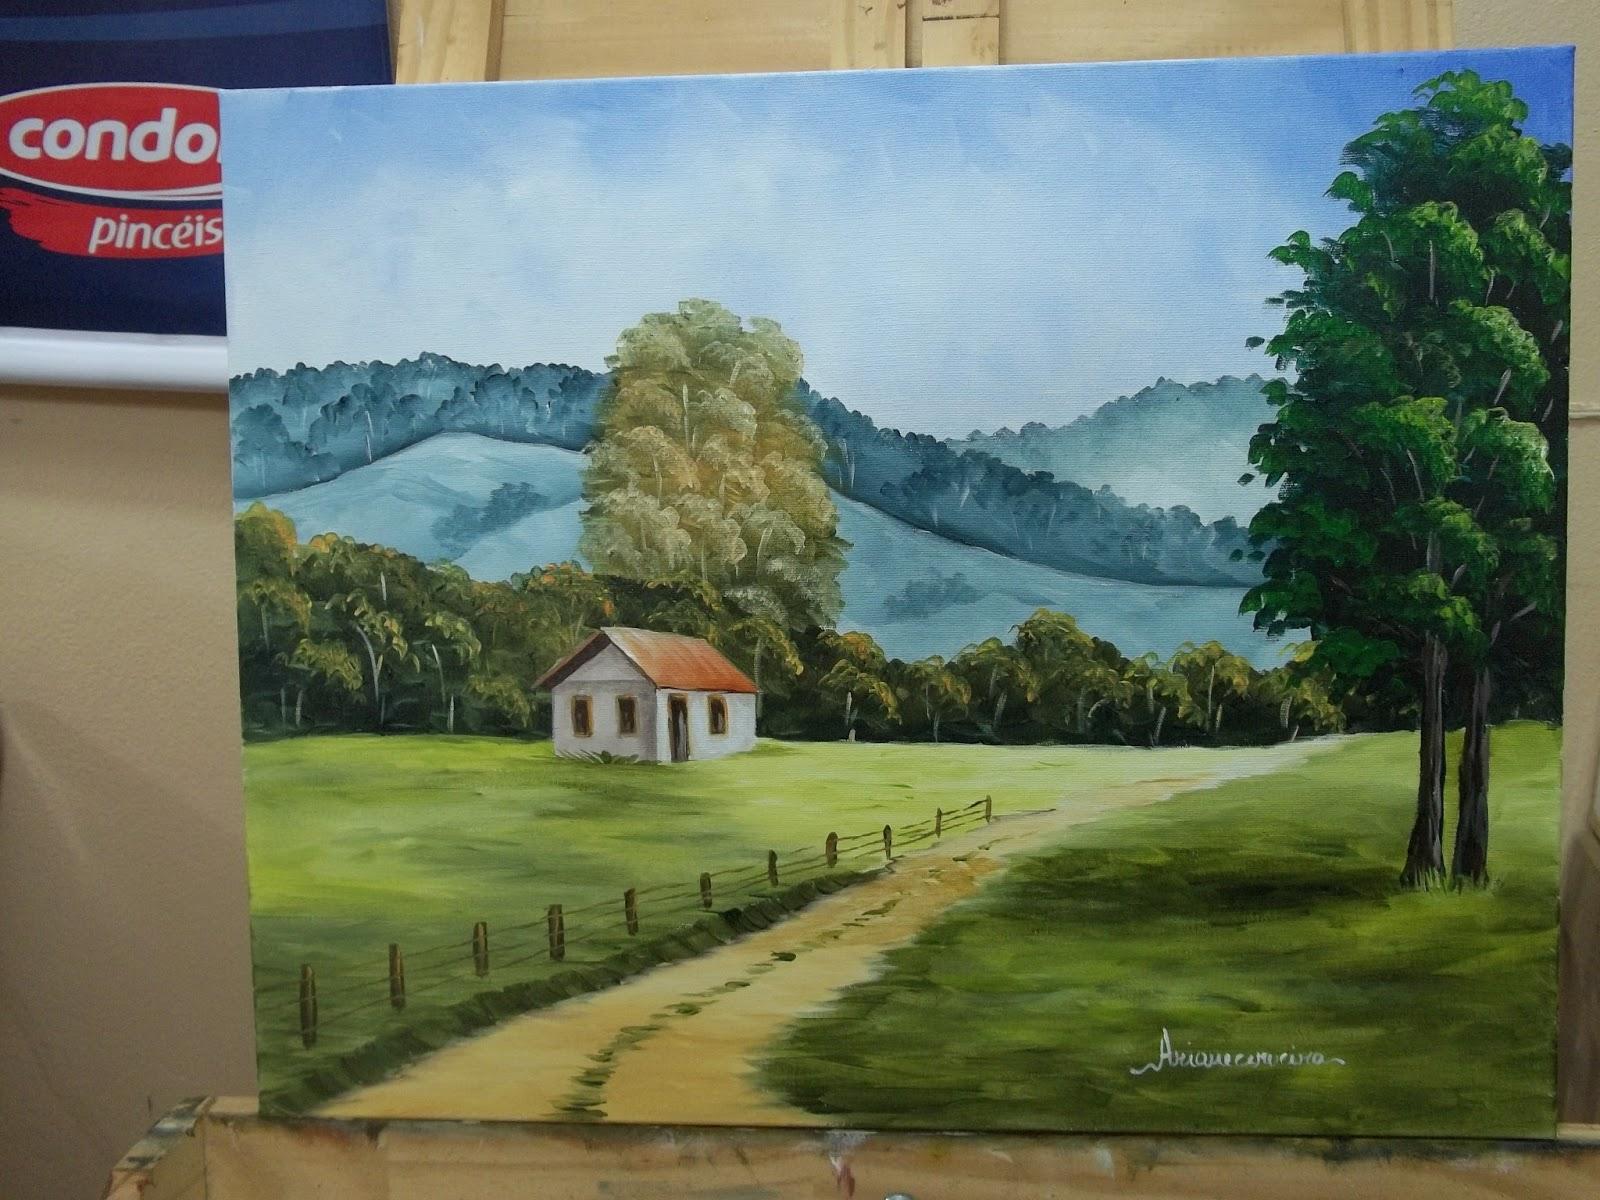 Pintura em tela   Esta tela foi pintada em acrílico para um vídeo  #3C6B8F 1600x1200